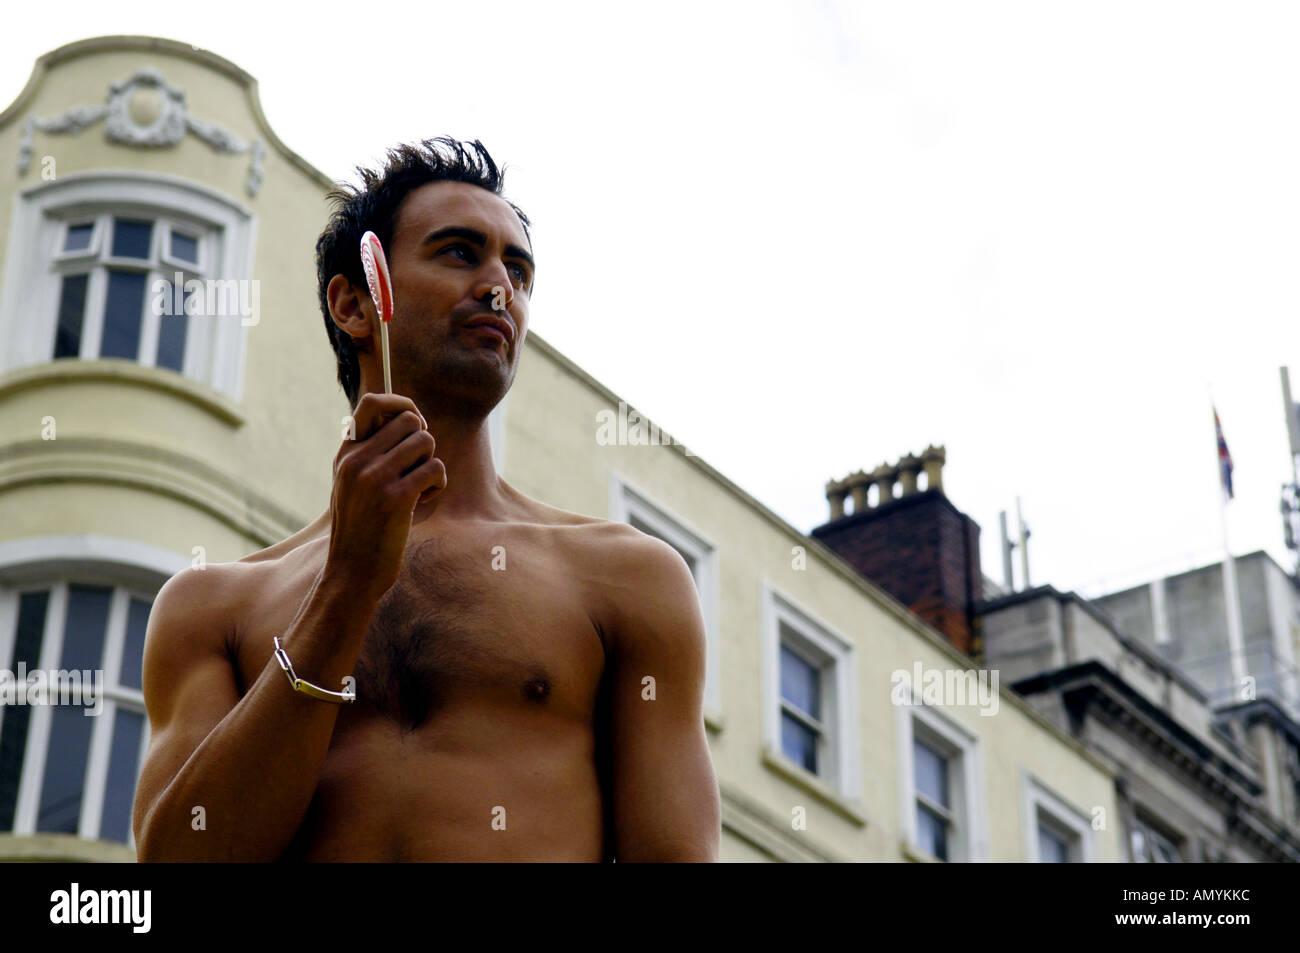 Hunky man naked #9